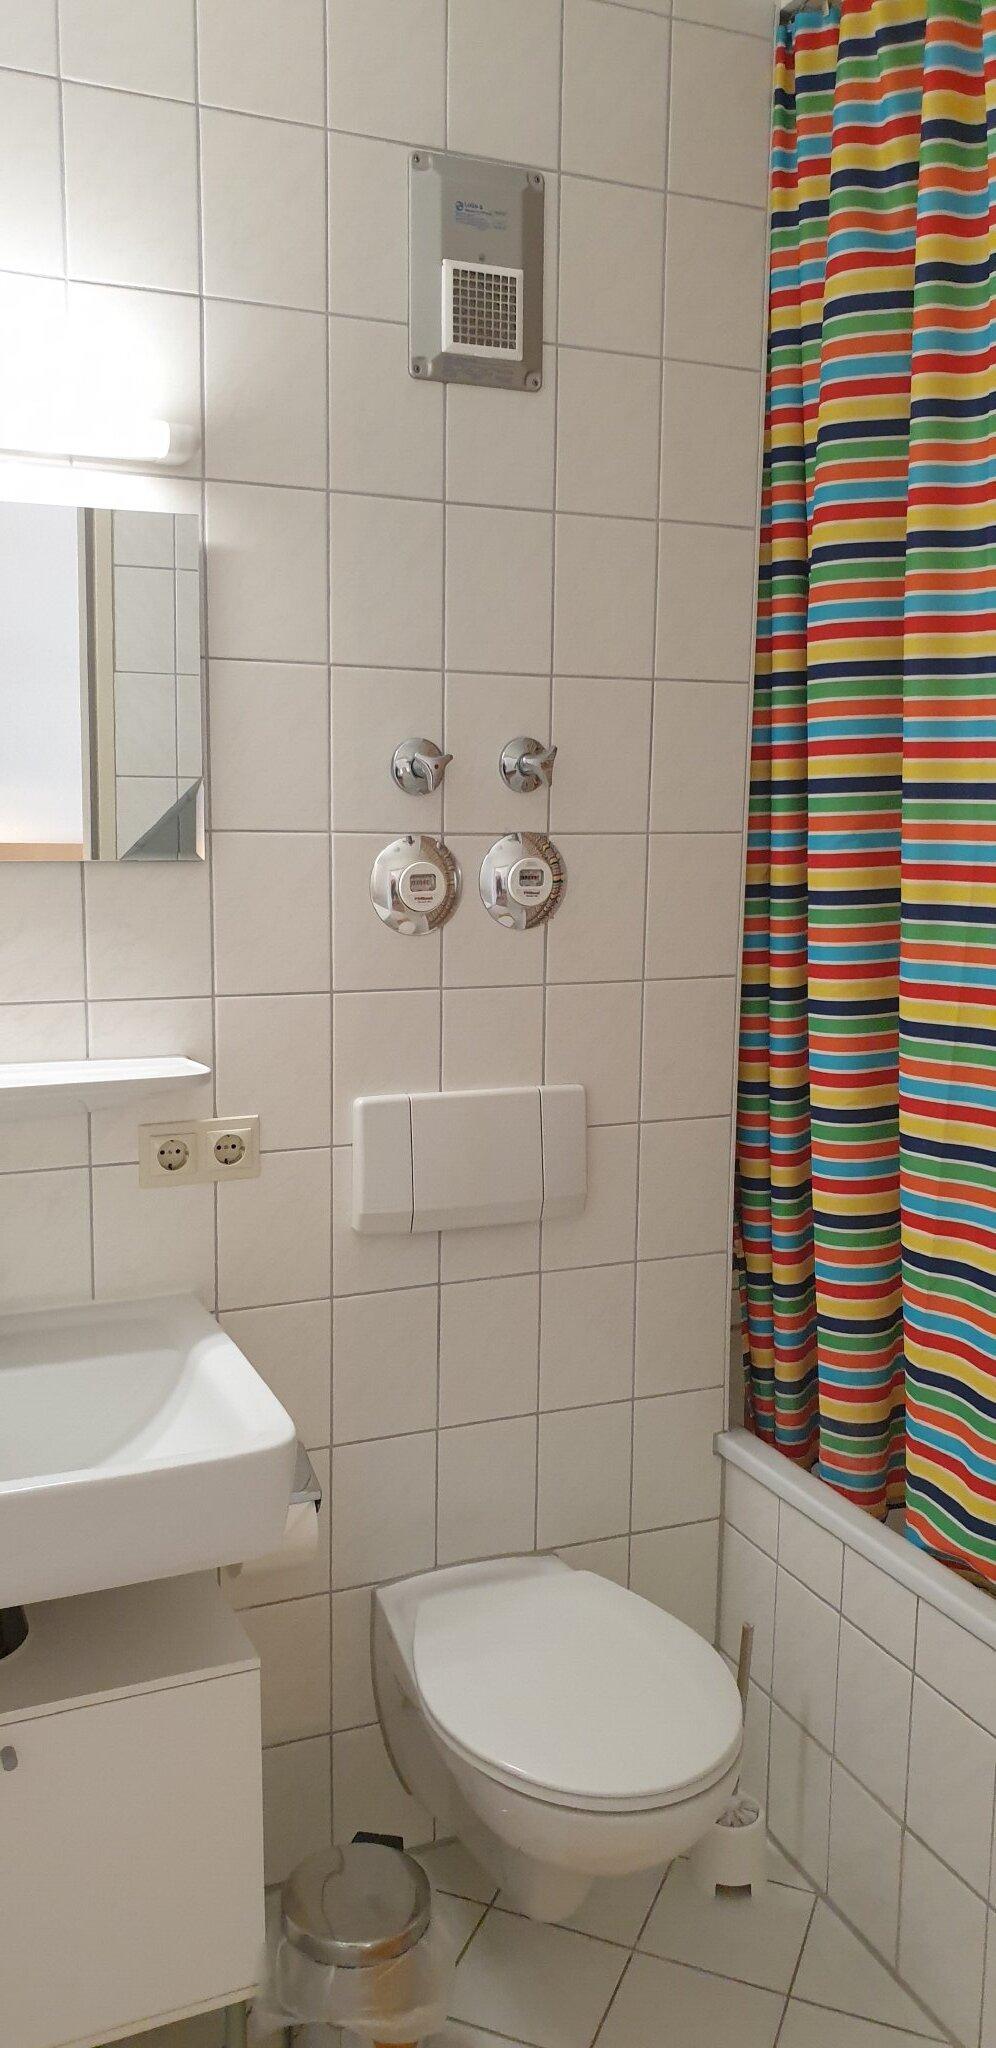 Bad mit Duschbad (Badewanne)